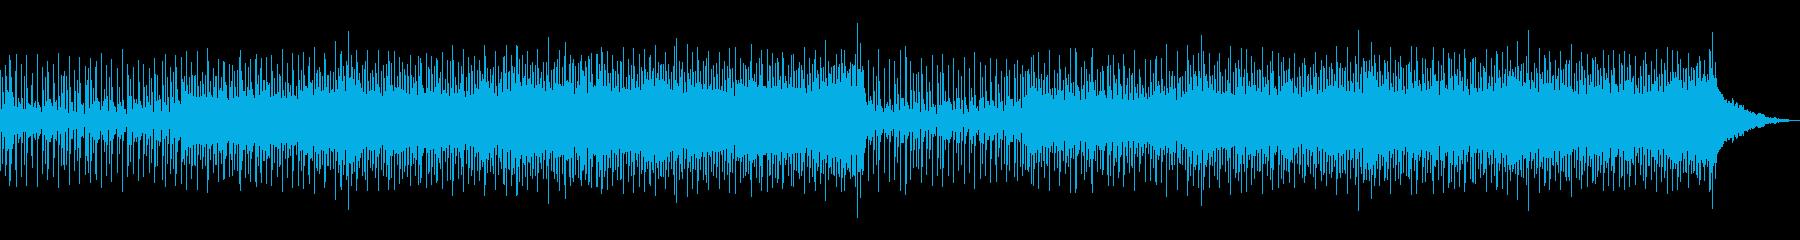 明るく爽やかなオーケストラポップ-17の再生済みの波形